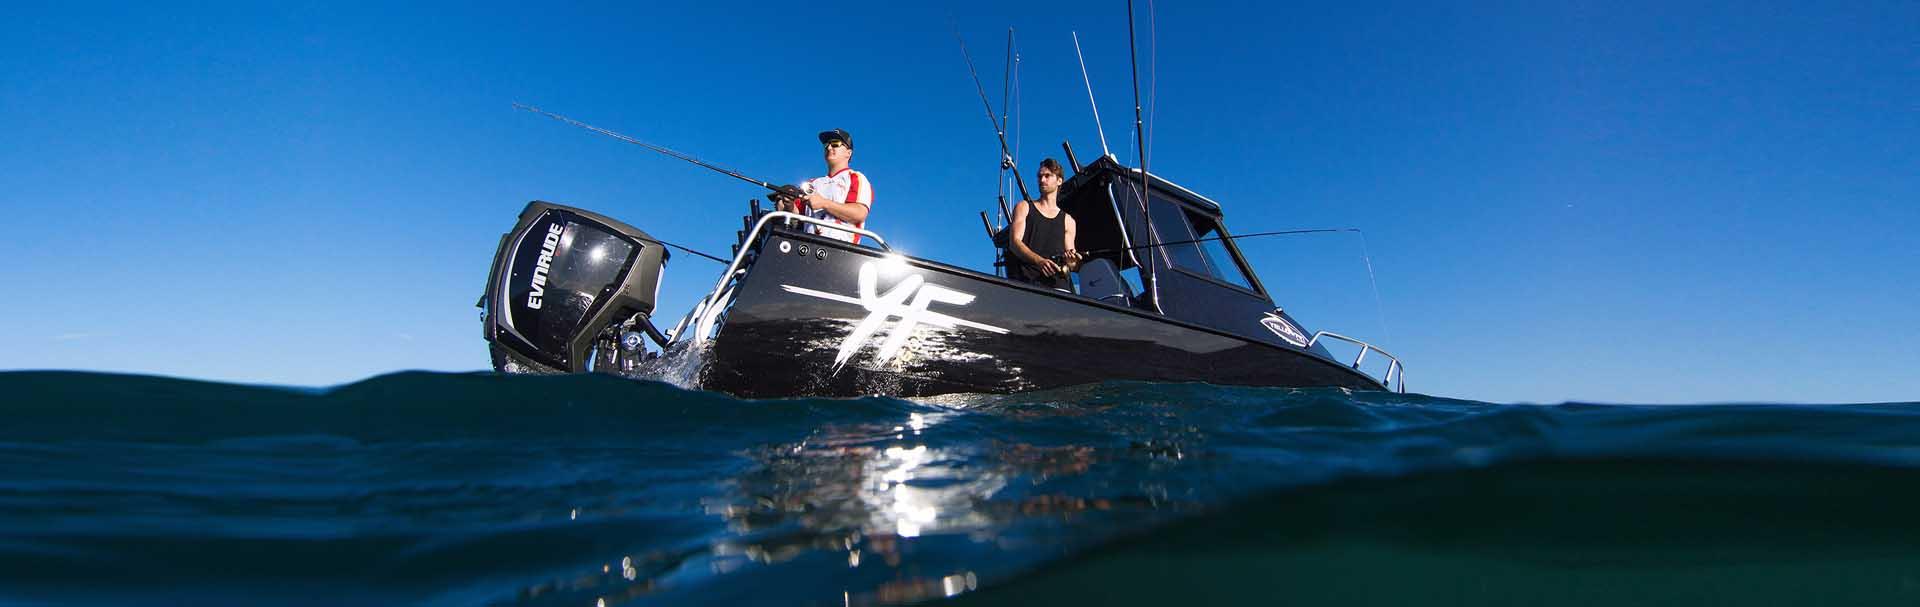 Quintrex boats Melbourne